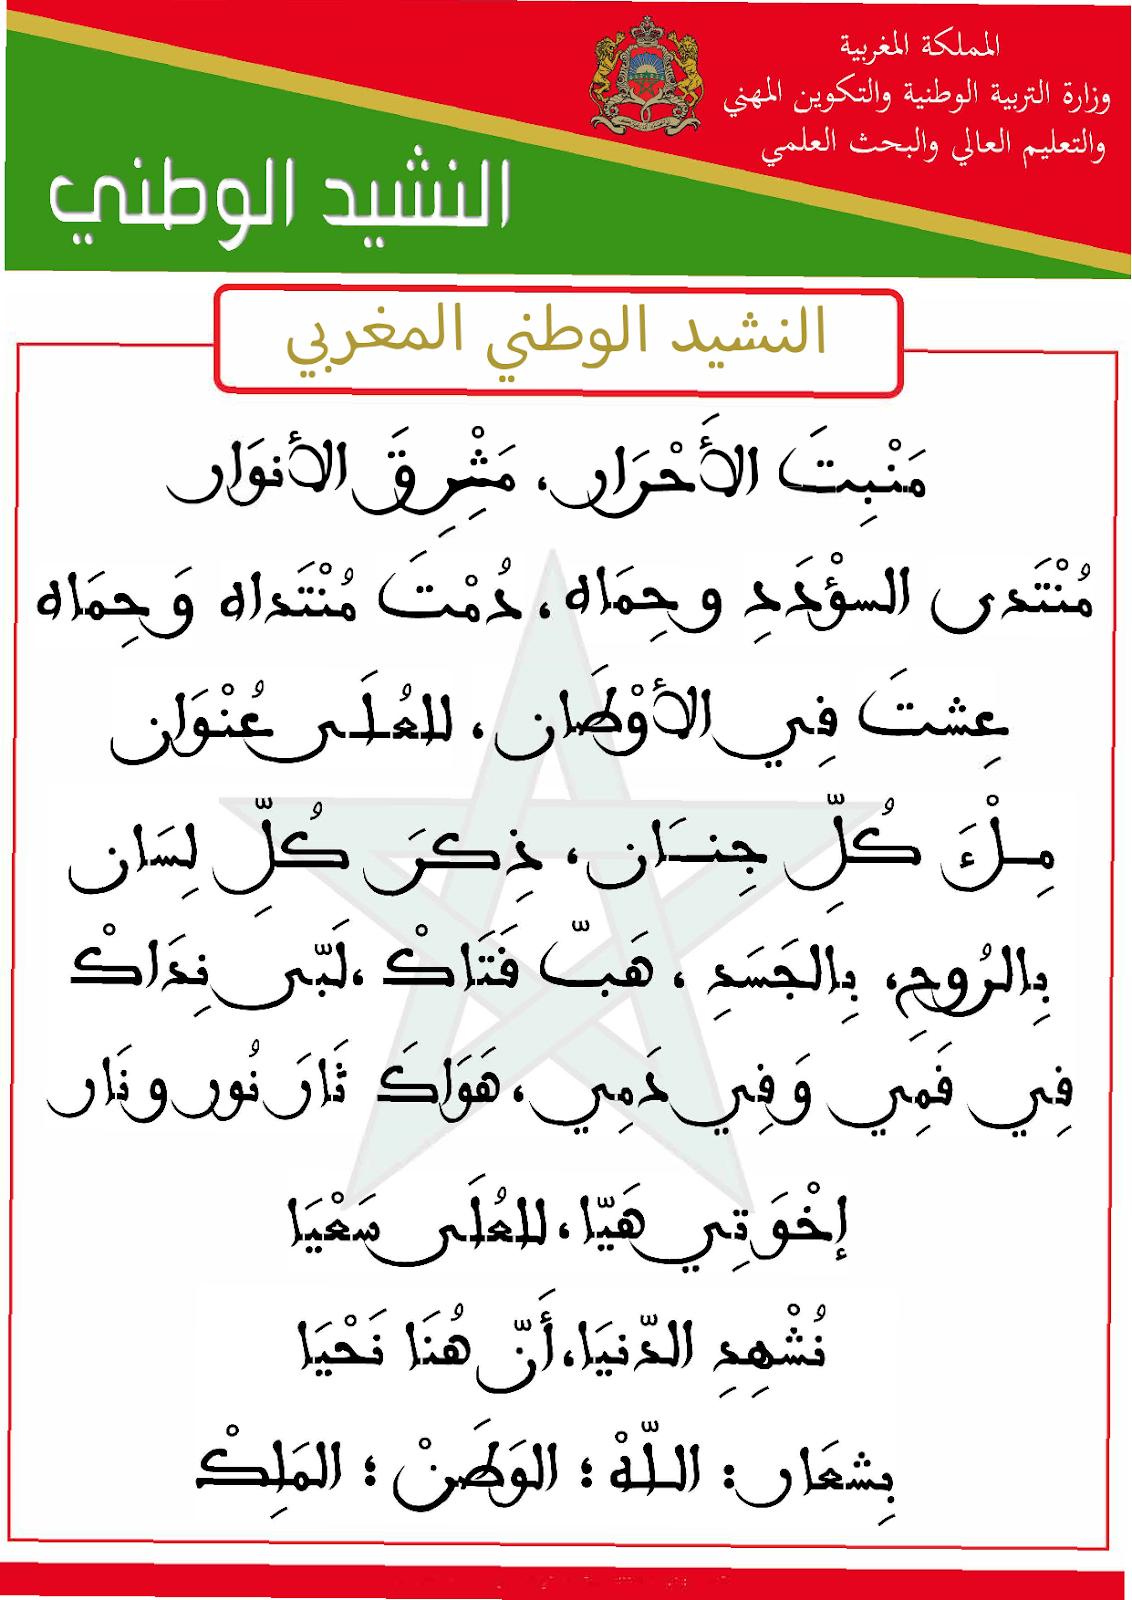 بطاقة النشيد الوطني المغربي تجدونها حصريا على موقع وثائق البروفيسور